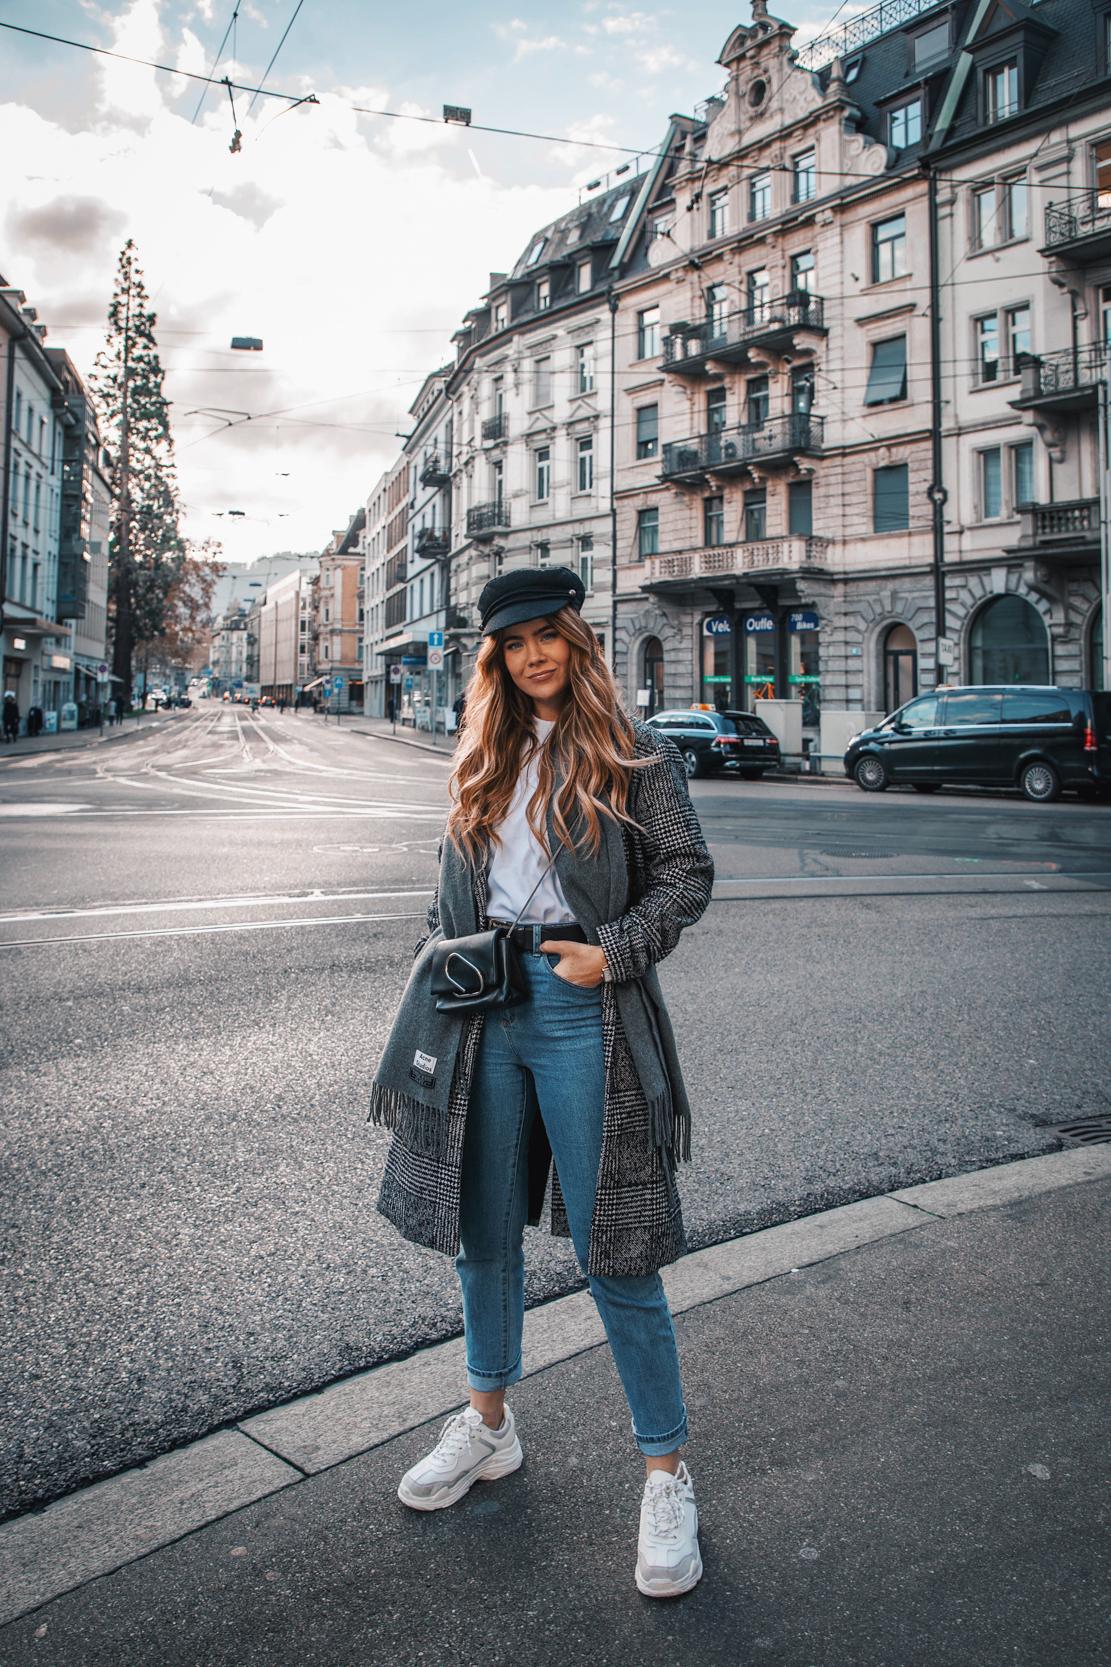 stylish-winter-outfits-switzerland-5.jpg